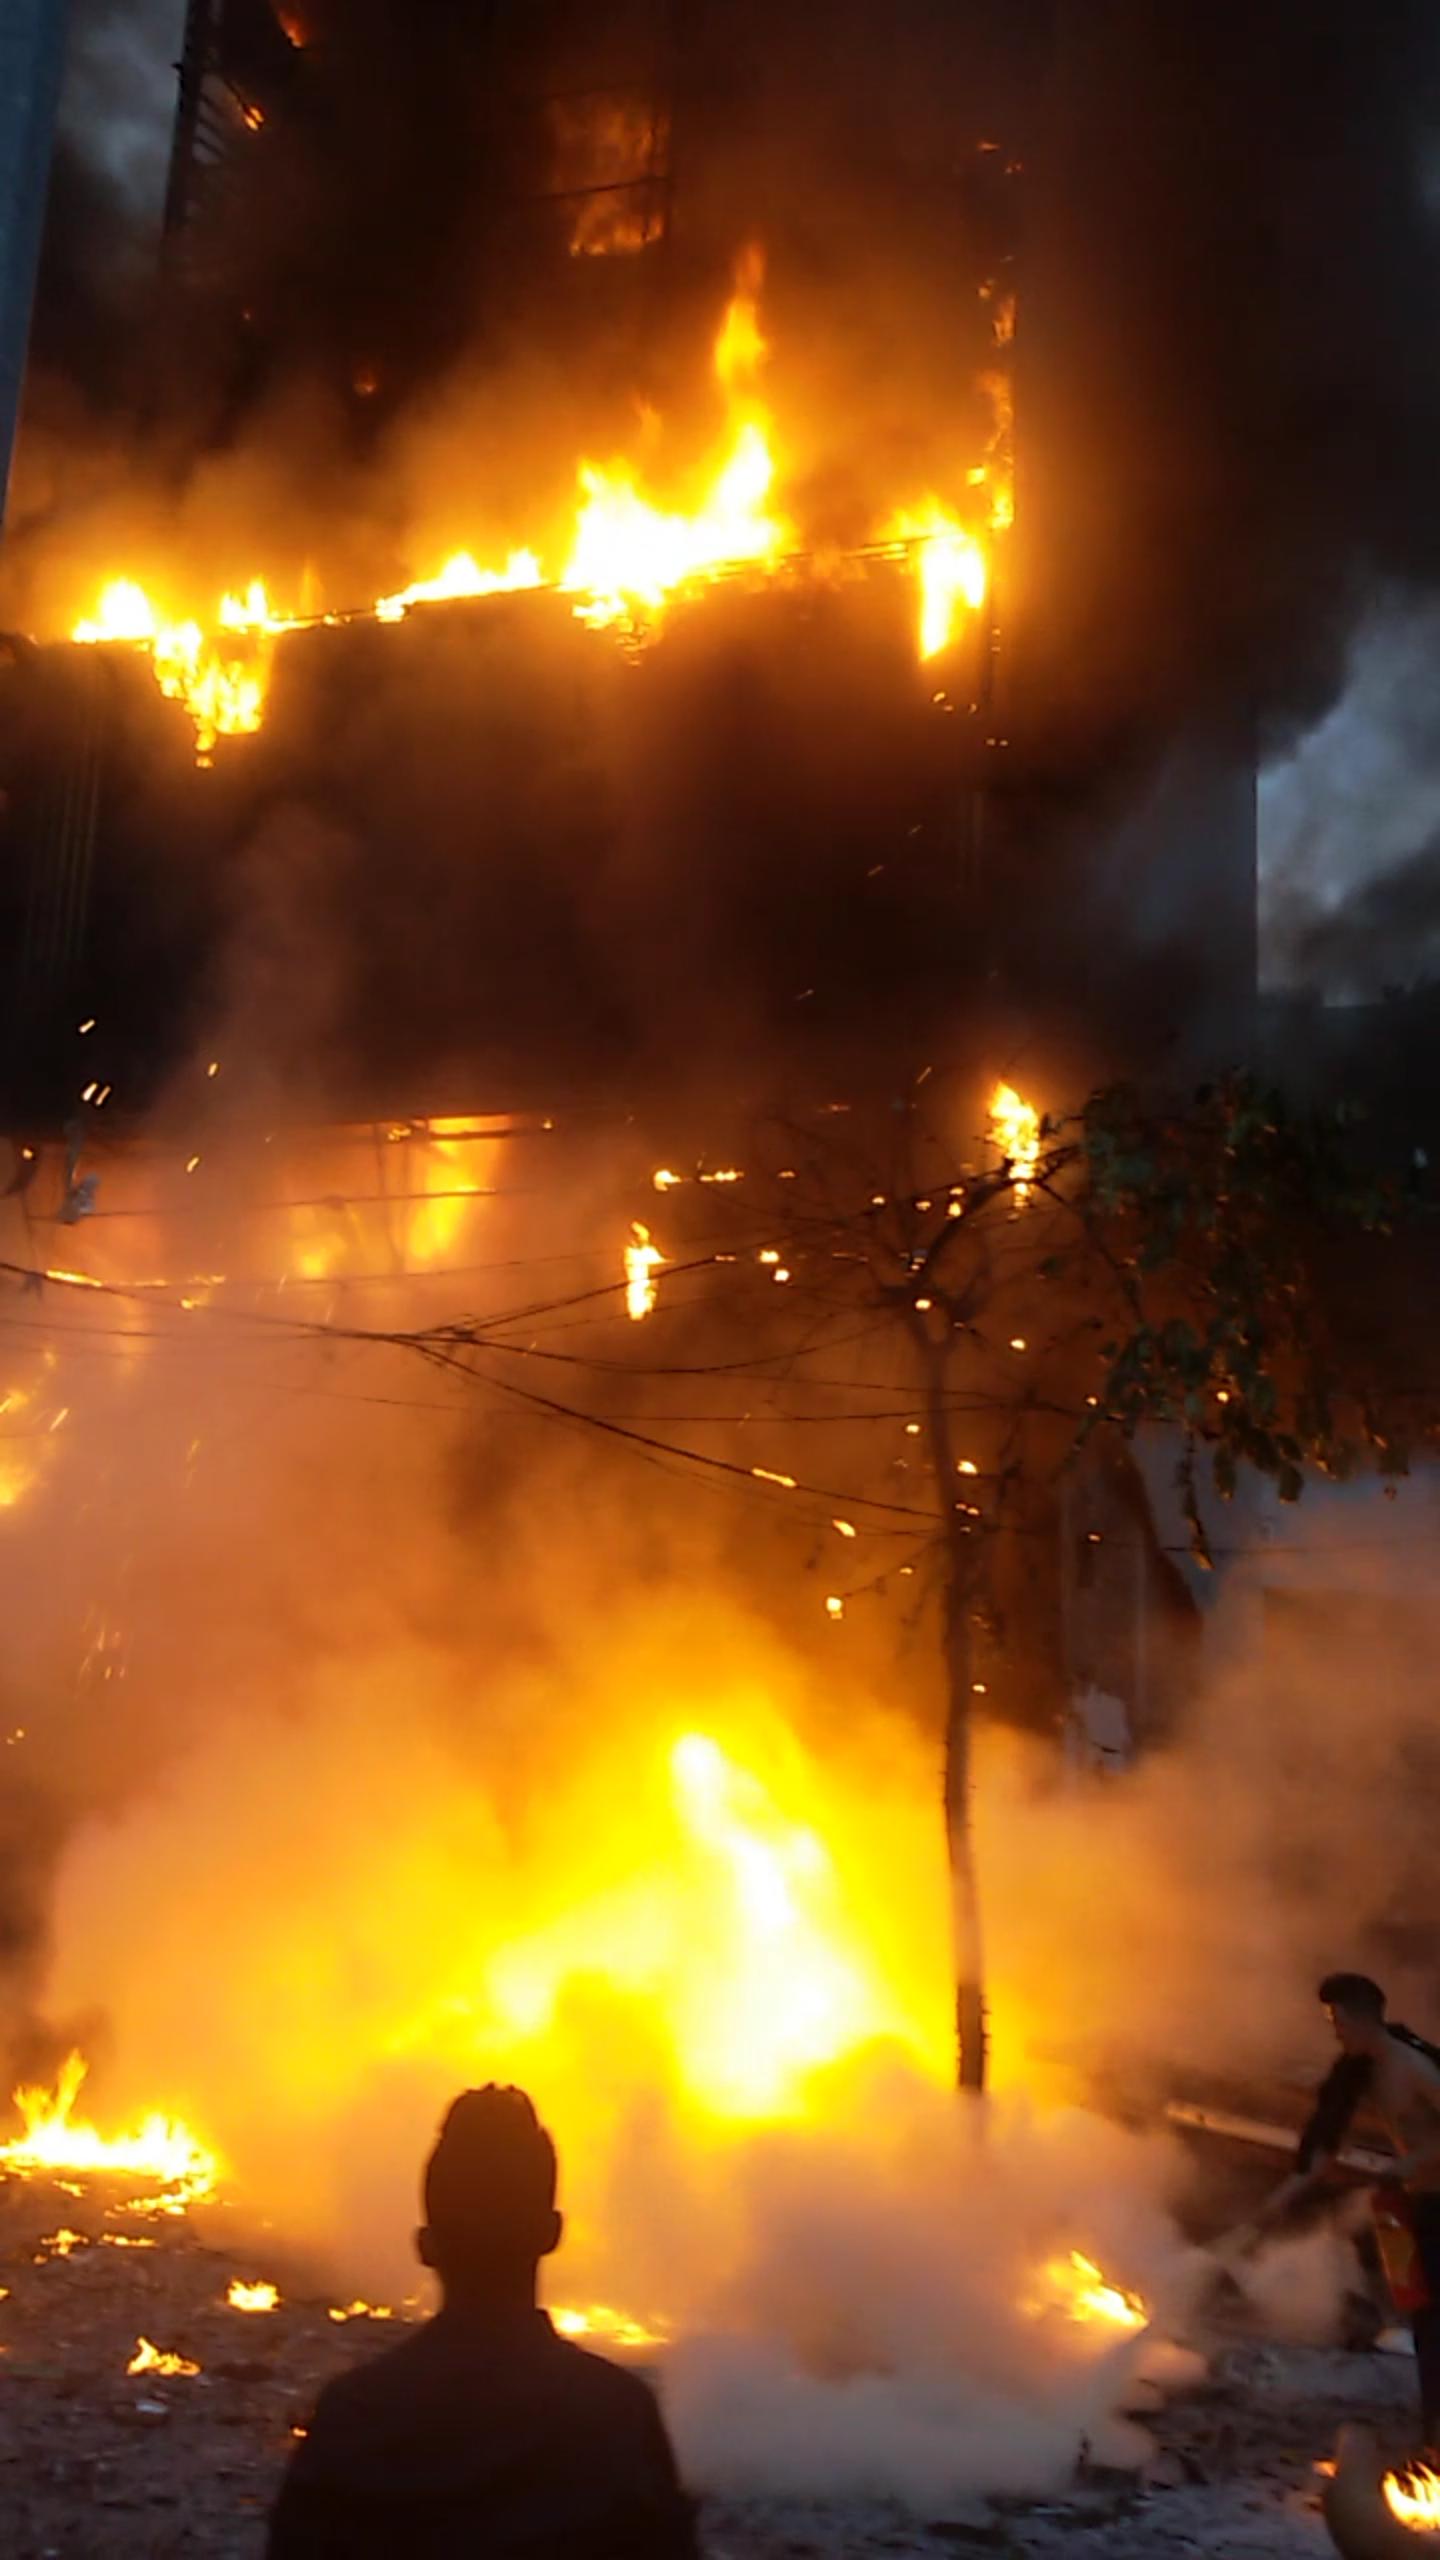 Khoảng 30 phút sau khi đám cháy bùng phát(18h00), lực lượng cảnh sát PCCC công an Hà Nội có mặt cùng các thiết bị chữa cháy, lên phương án dập lửa.